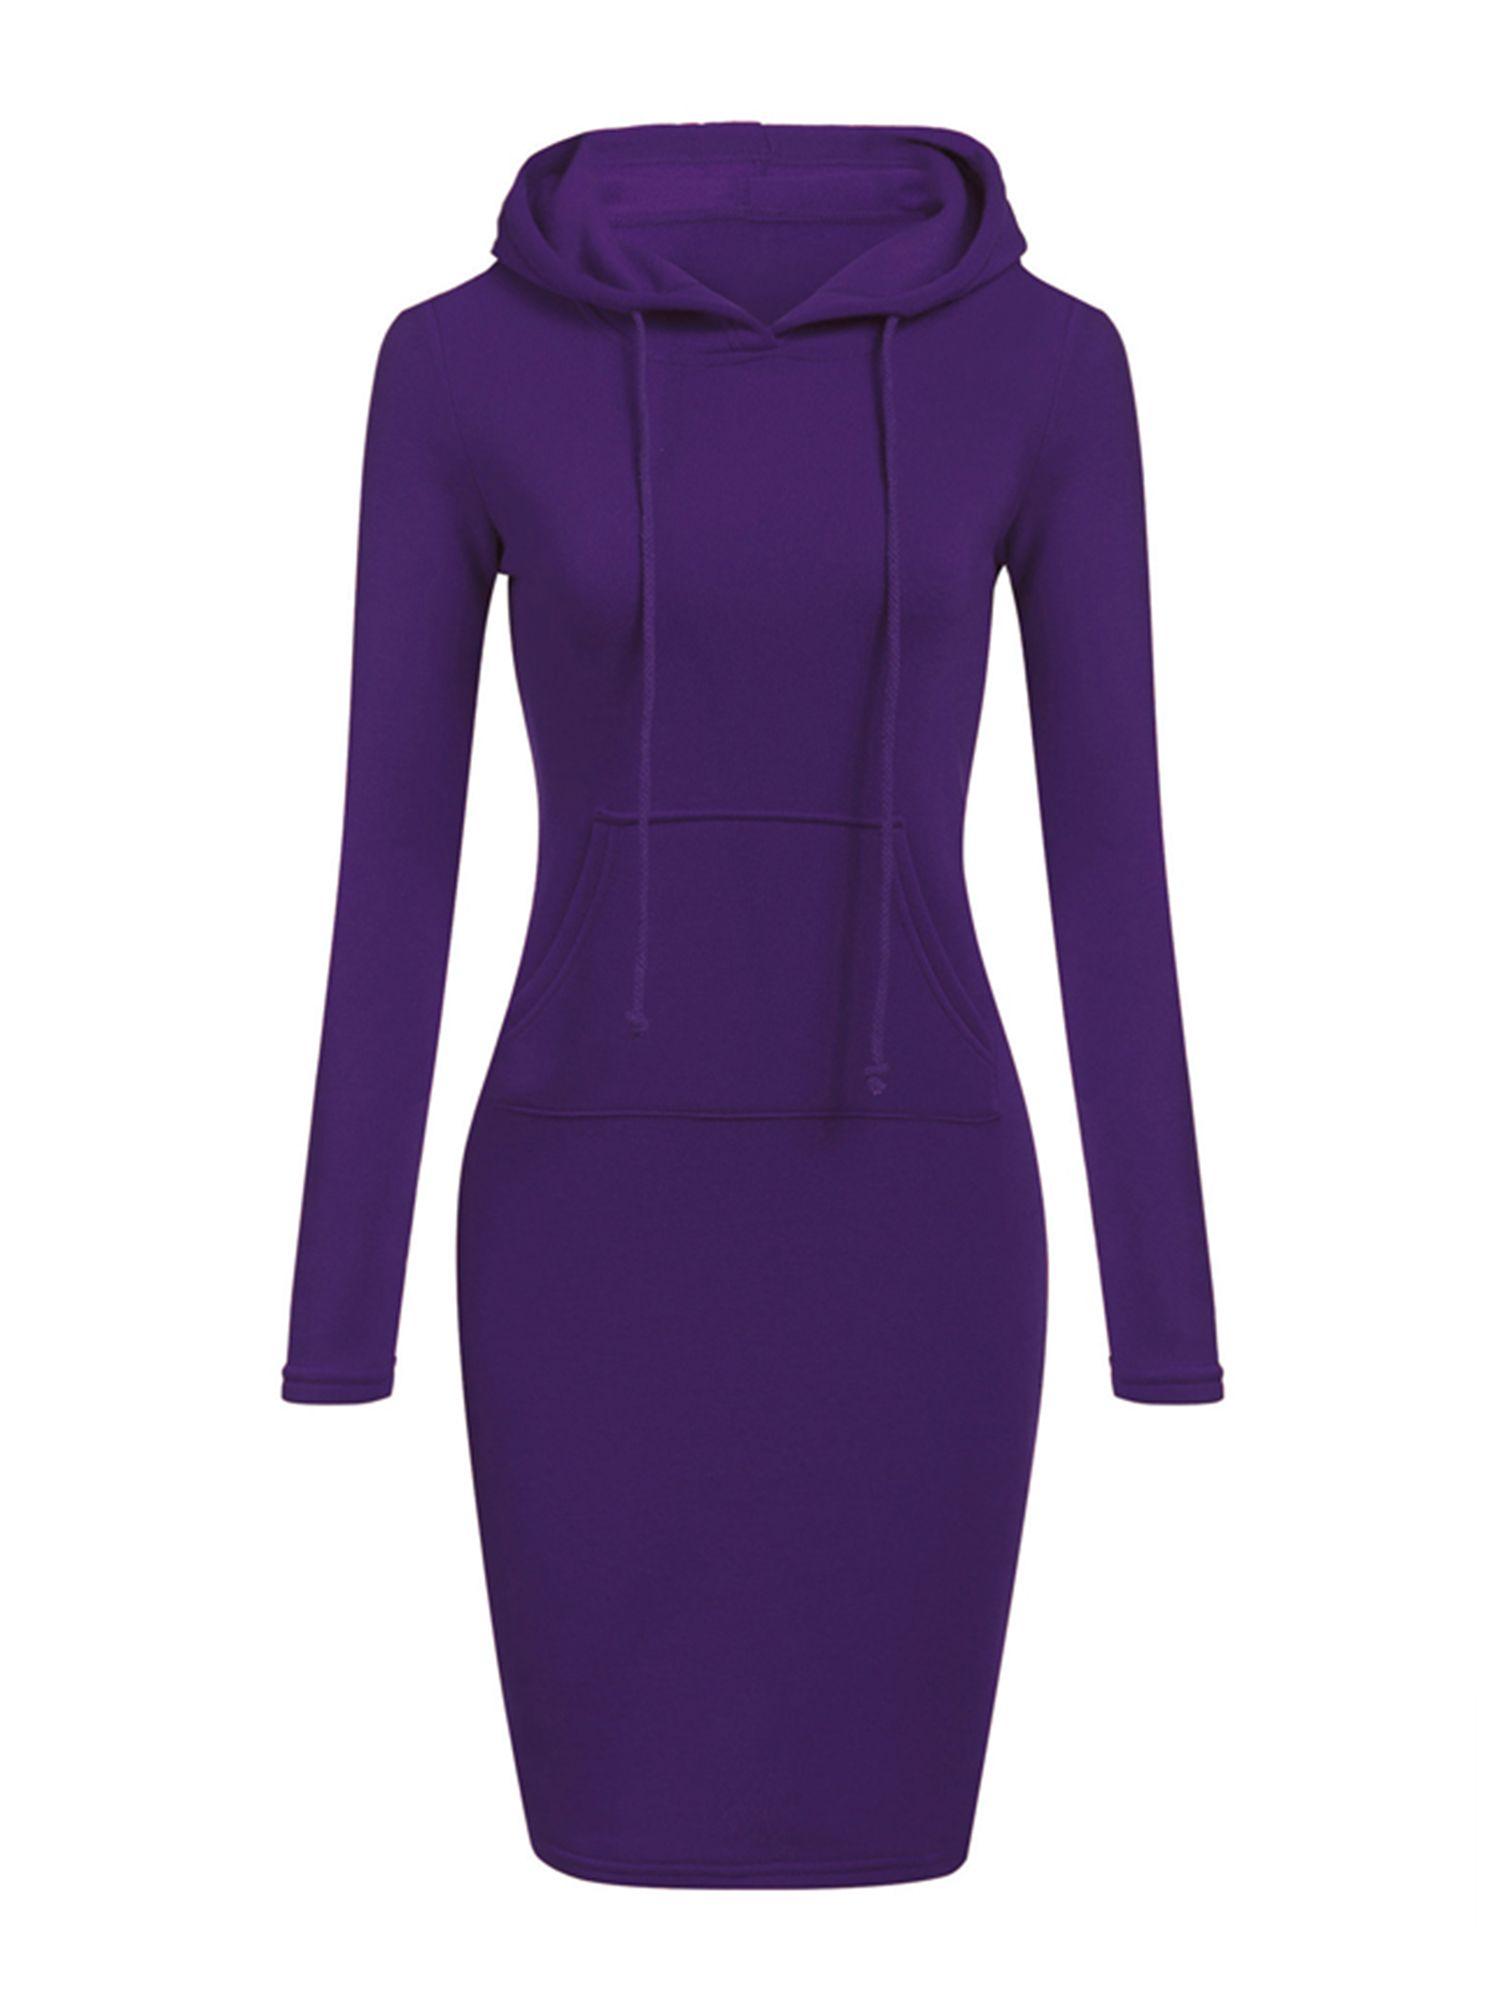 Wodstyle Womens Winter Drawstring Long Sleeve Slim Hoodie Dress Walmart Com Hoodie Dress Sweatshirts Women Womens Sweatshirt Dress [ 2000 x 1500 Pixel ]